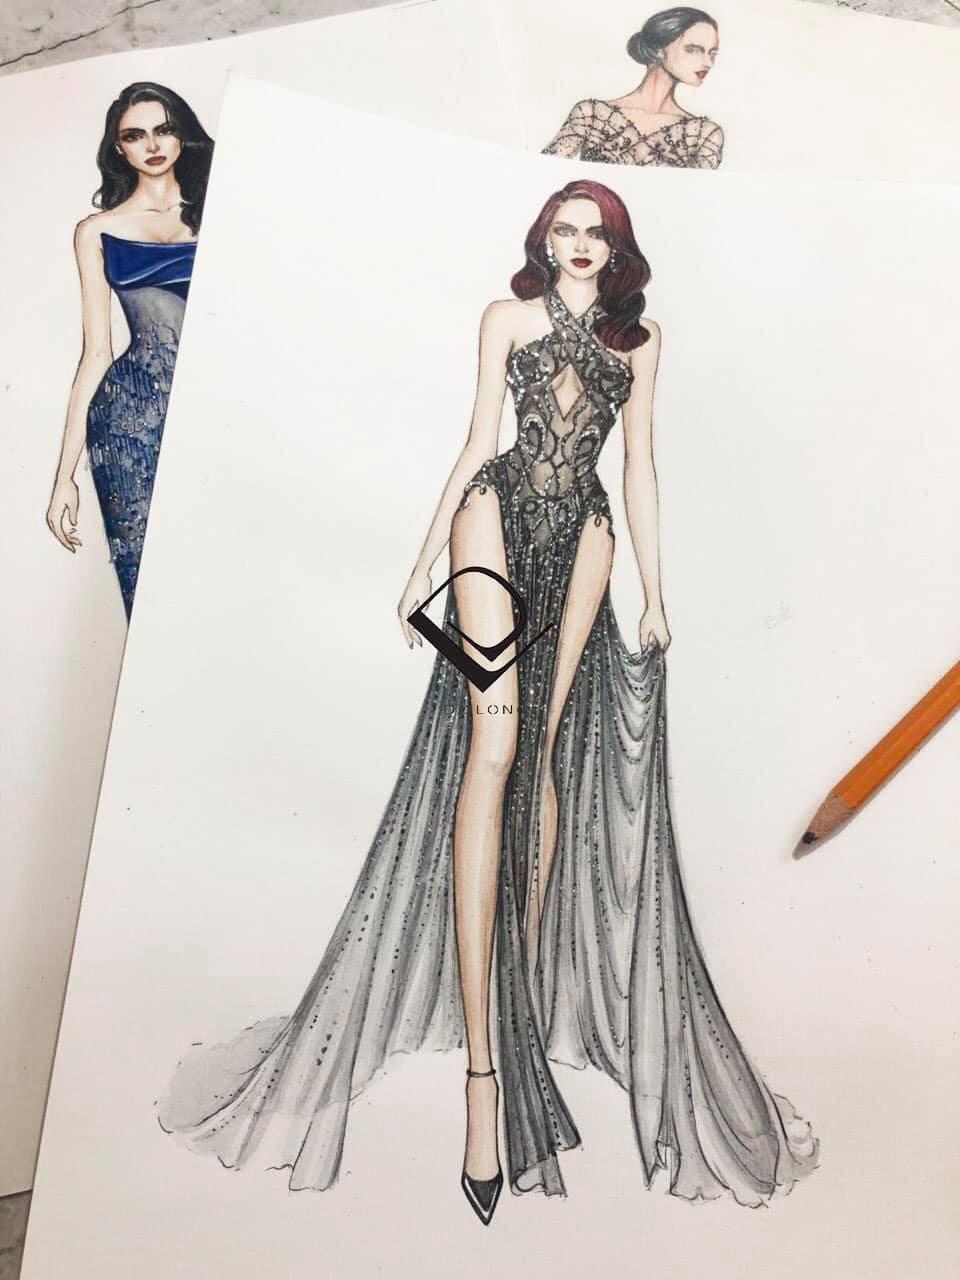 Tiết lộ sốc: Nữ hoàng nội y Ngọc Trinh... không thèm mặc nội y khi diện váy hở bạo tới Cannes - Ảnh 3.